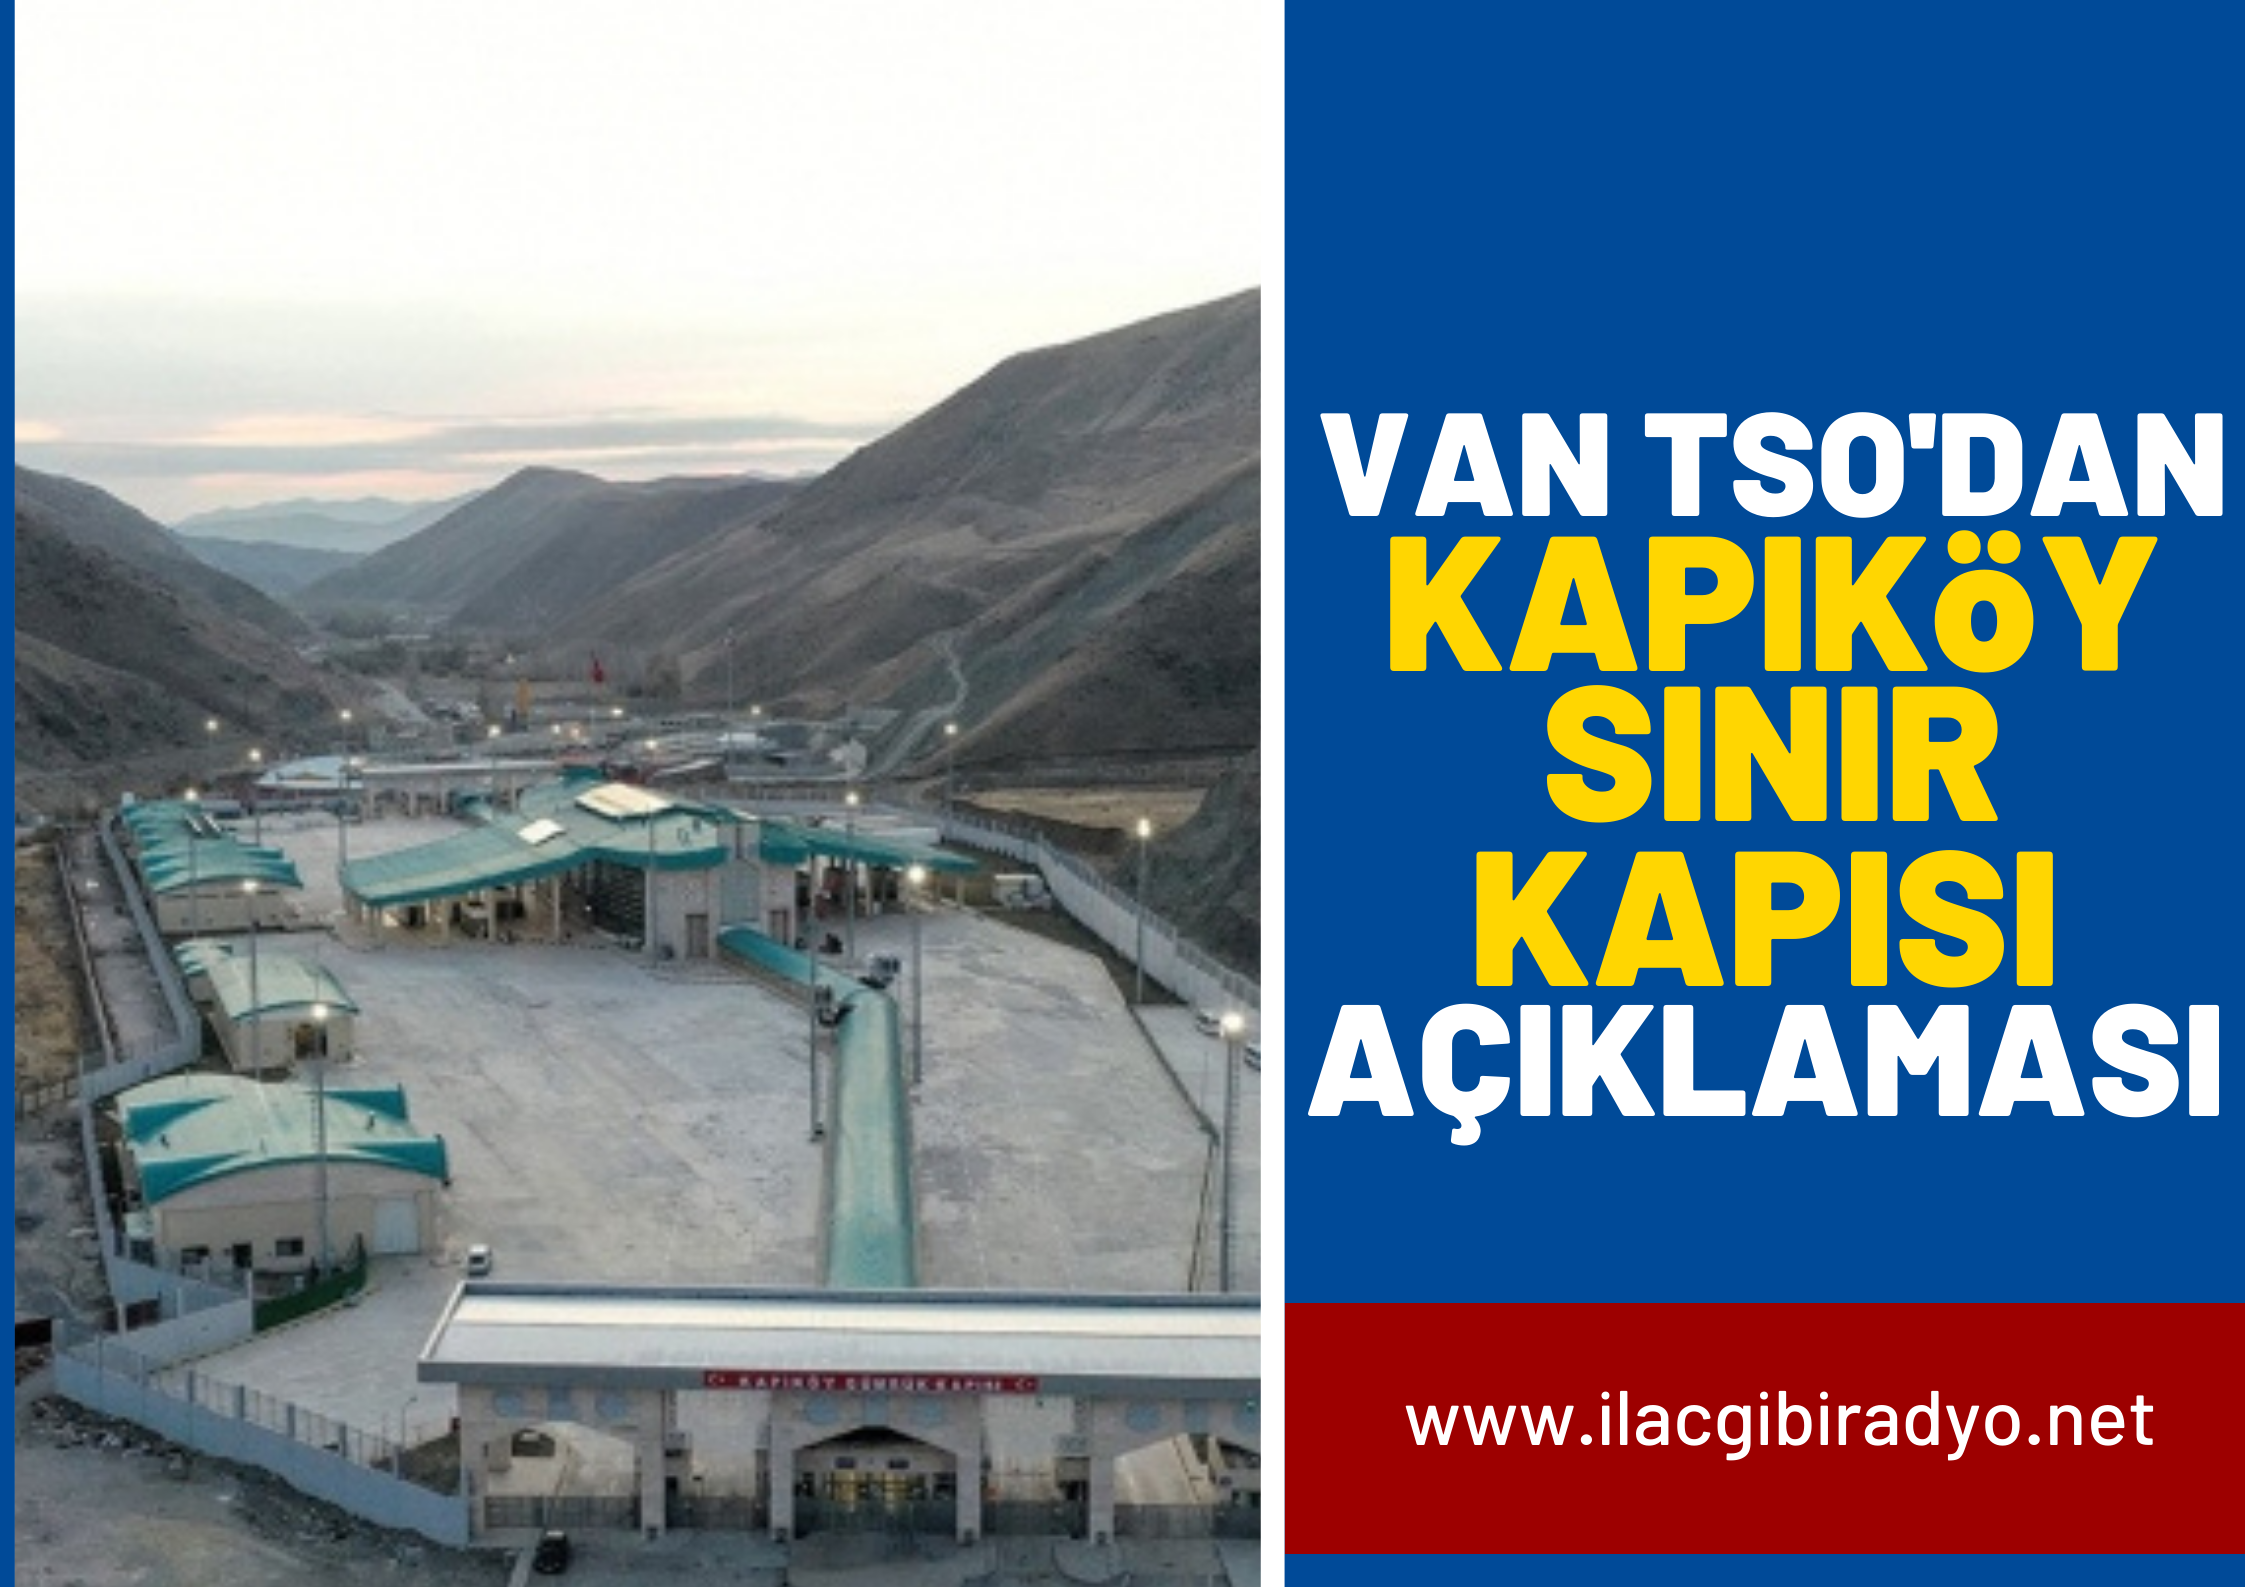 VAN TSO'dan Kapıköy Sınır kapısı açıklaması!